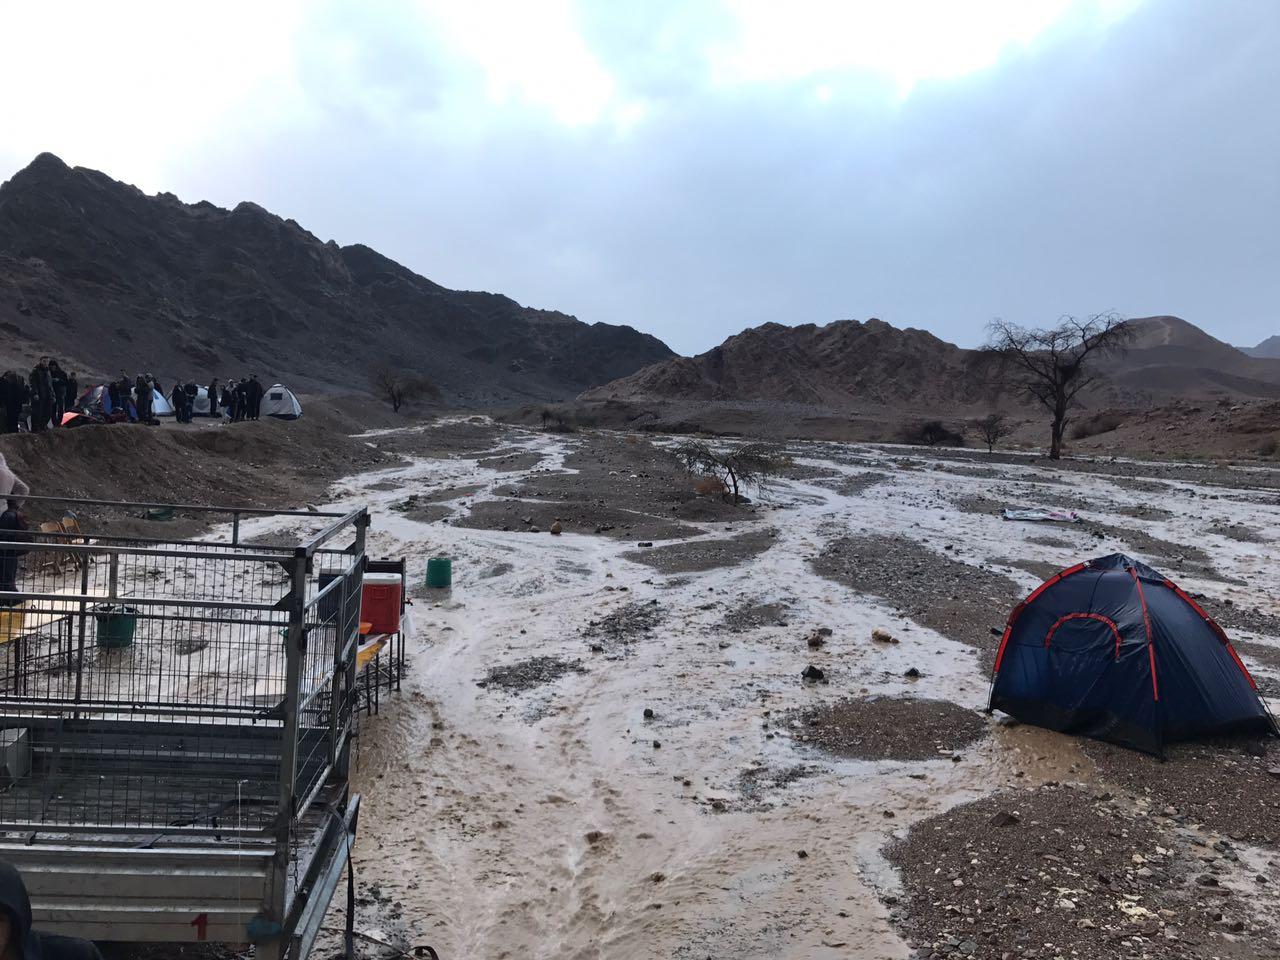 130 תלמידי בית הספר עמק החולה חולצו מחניון נטפים רודד סמוך לאילת.